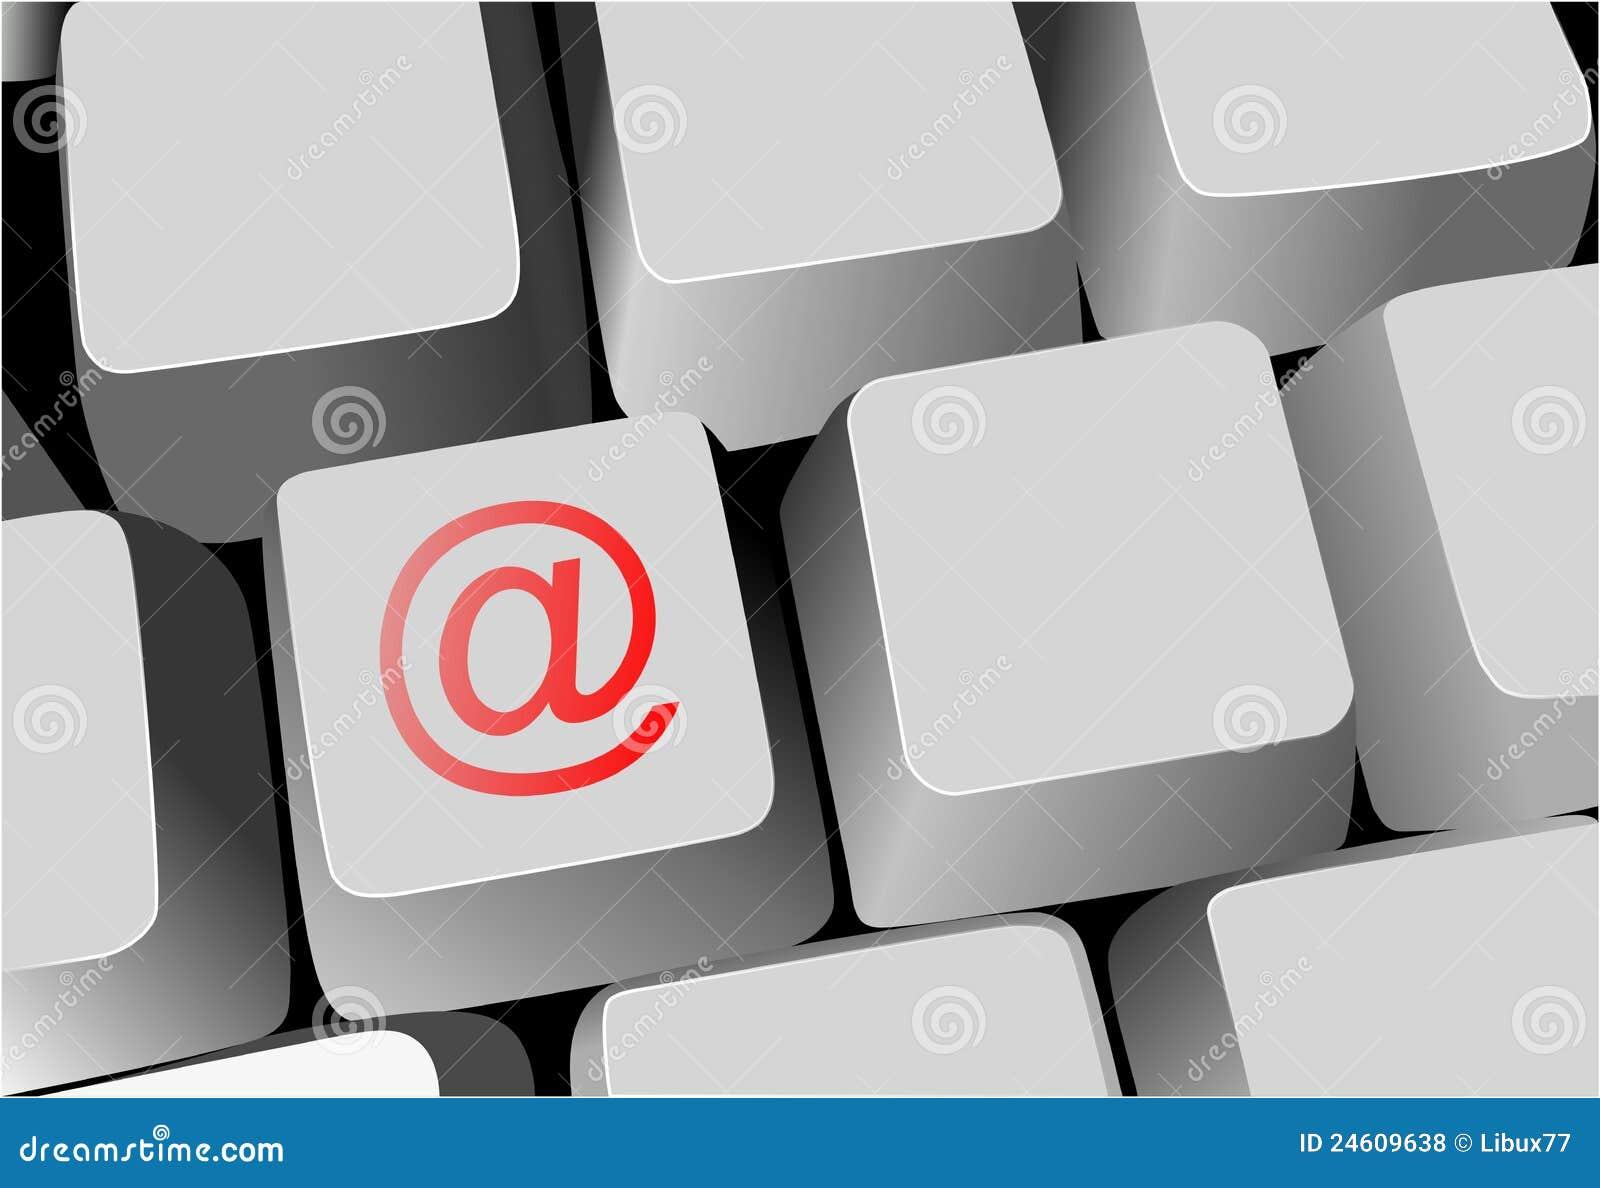 Tastatur, Taste mit eMail-Zeichen